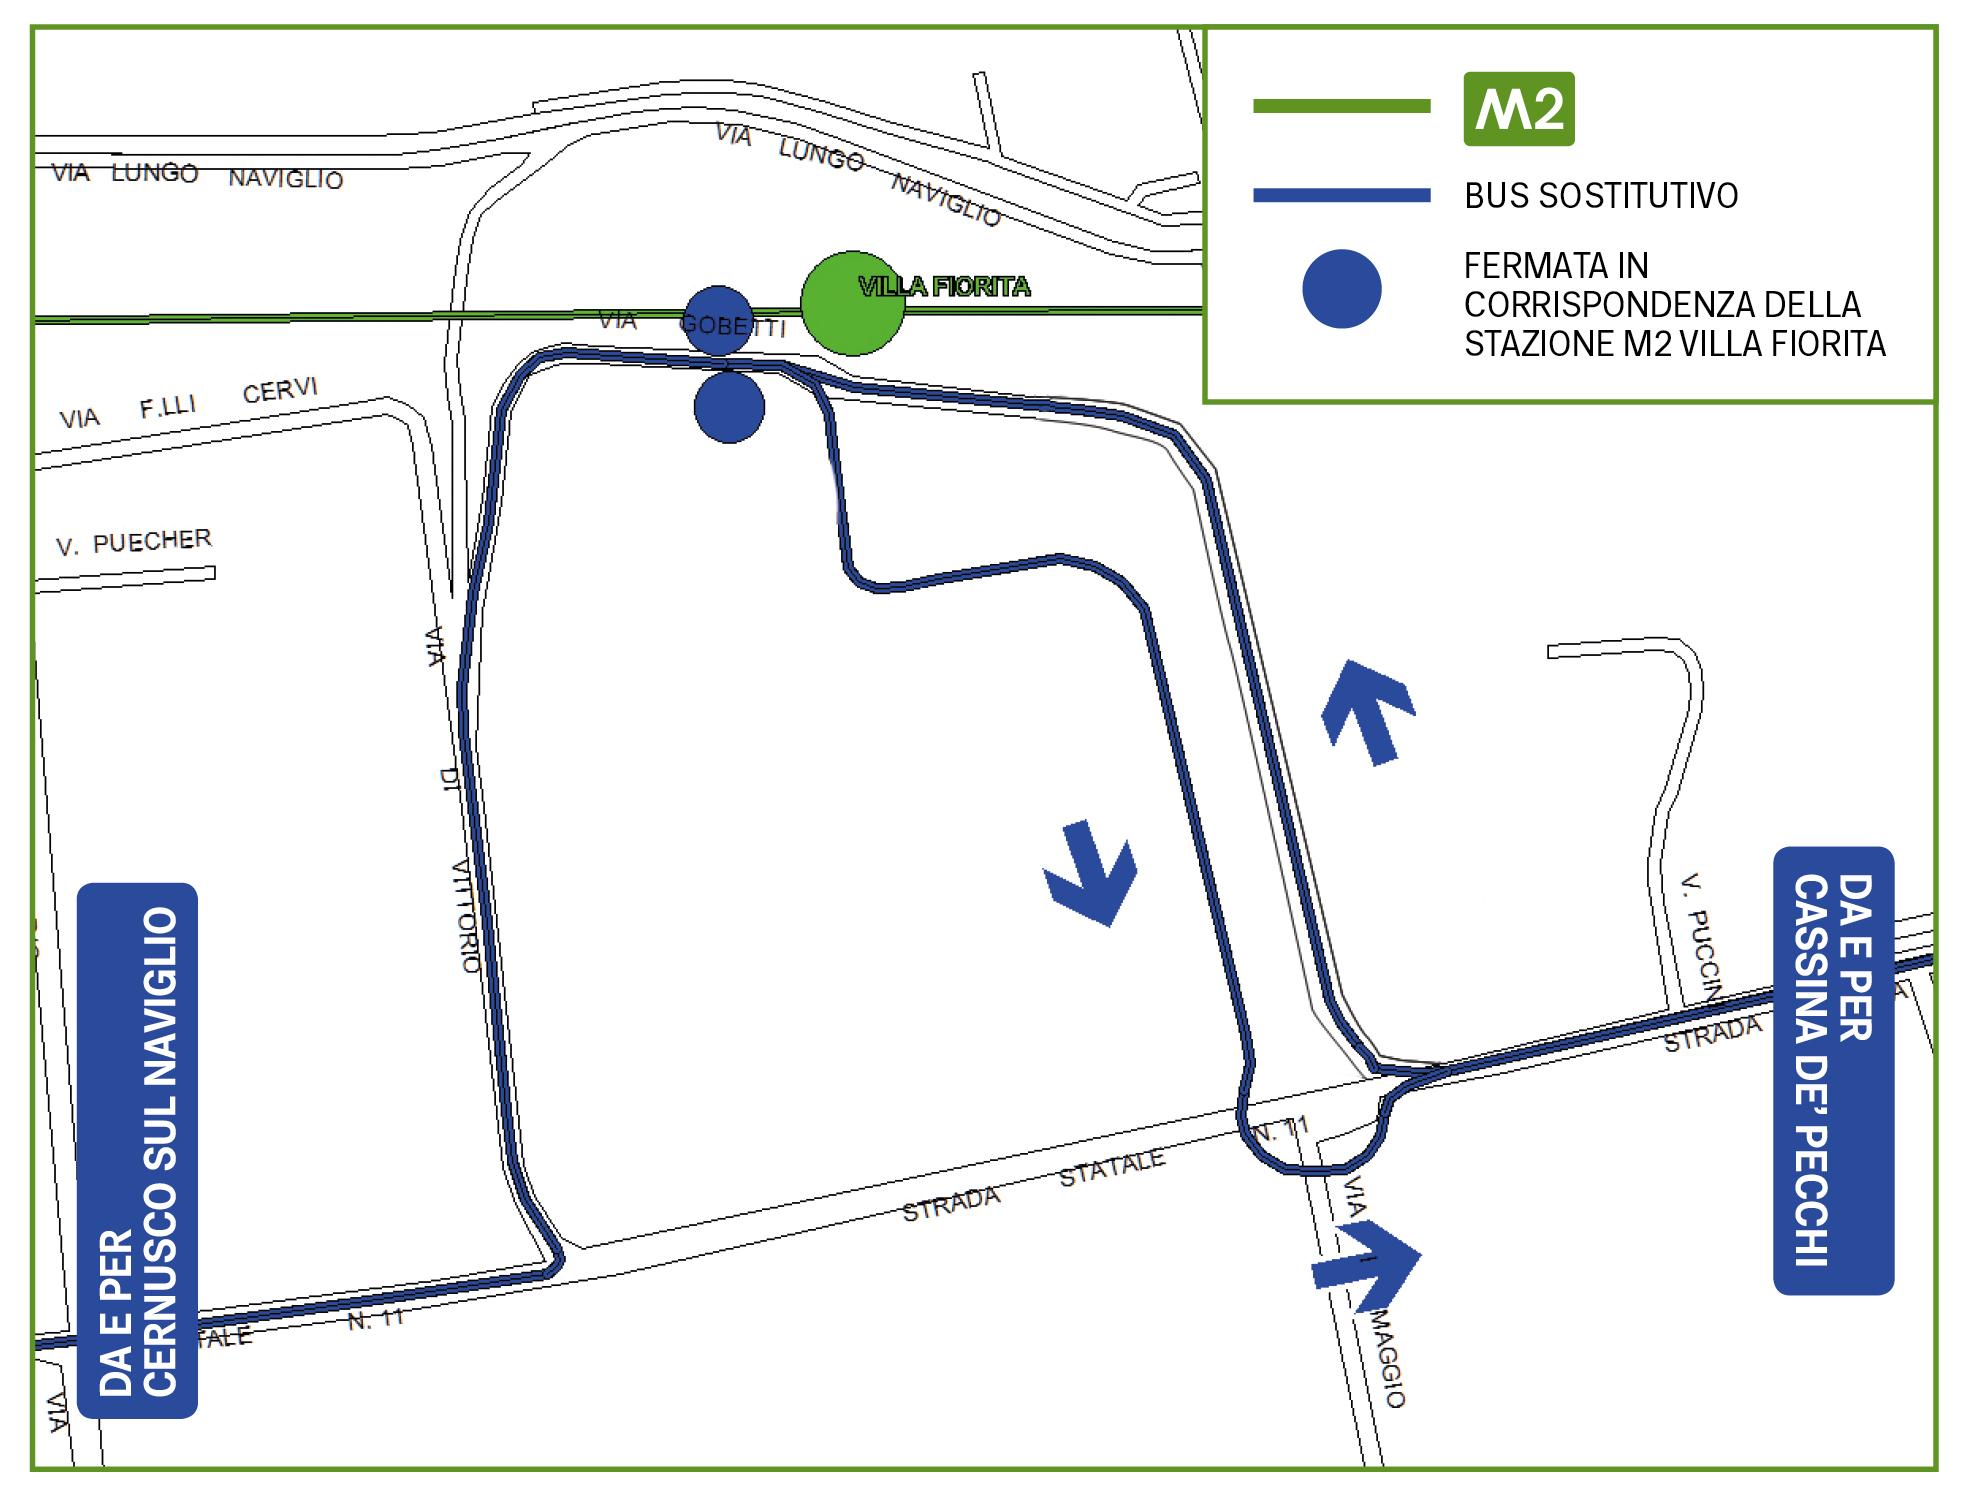 Mappa Bus sostitutivo Villa Fiorita